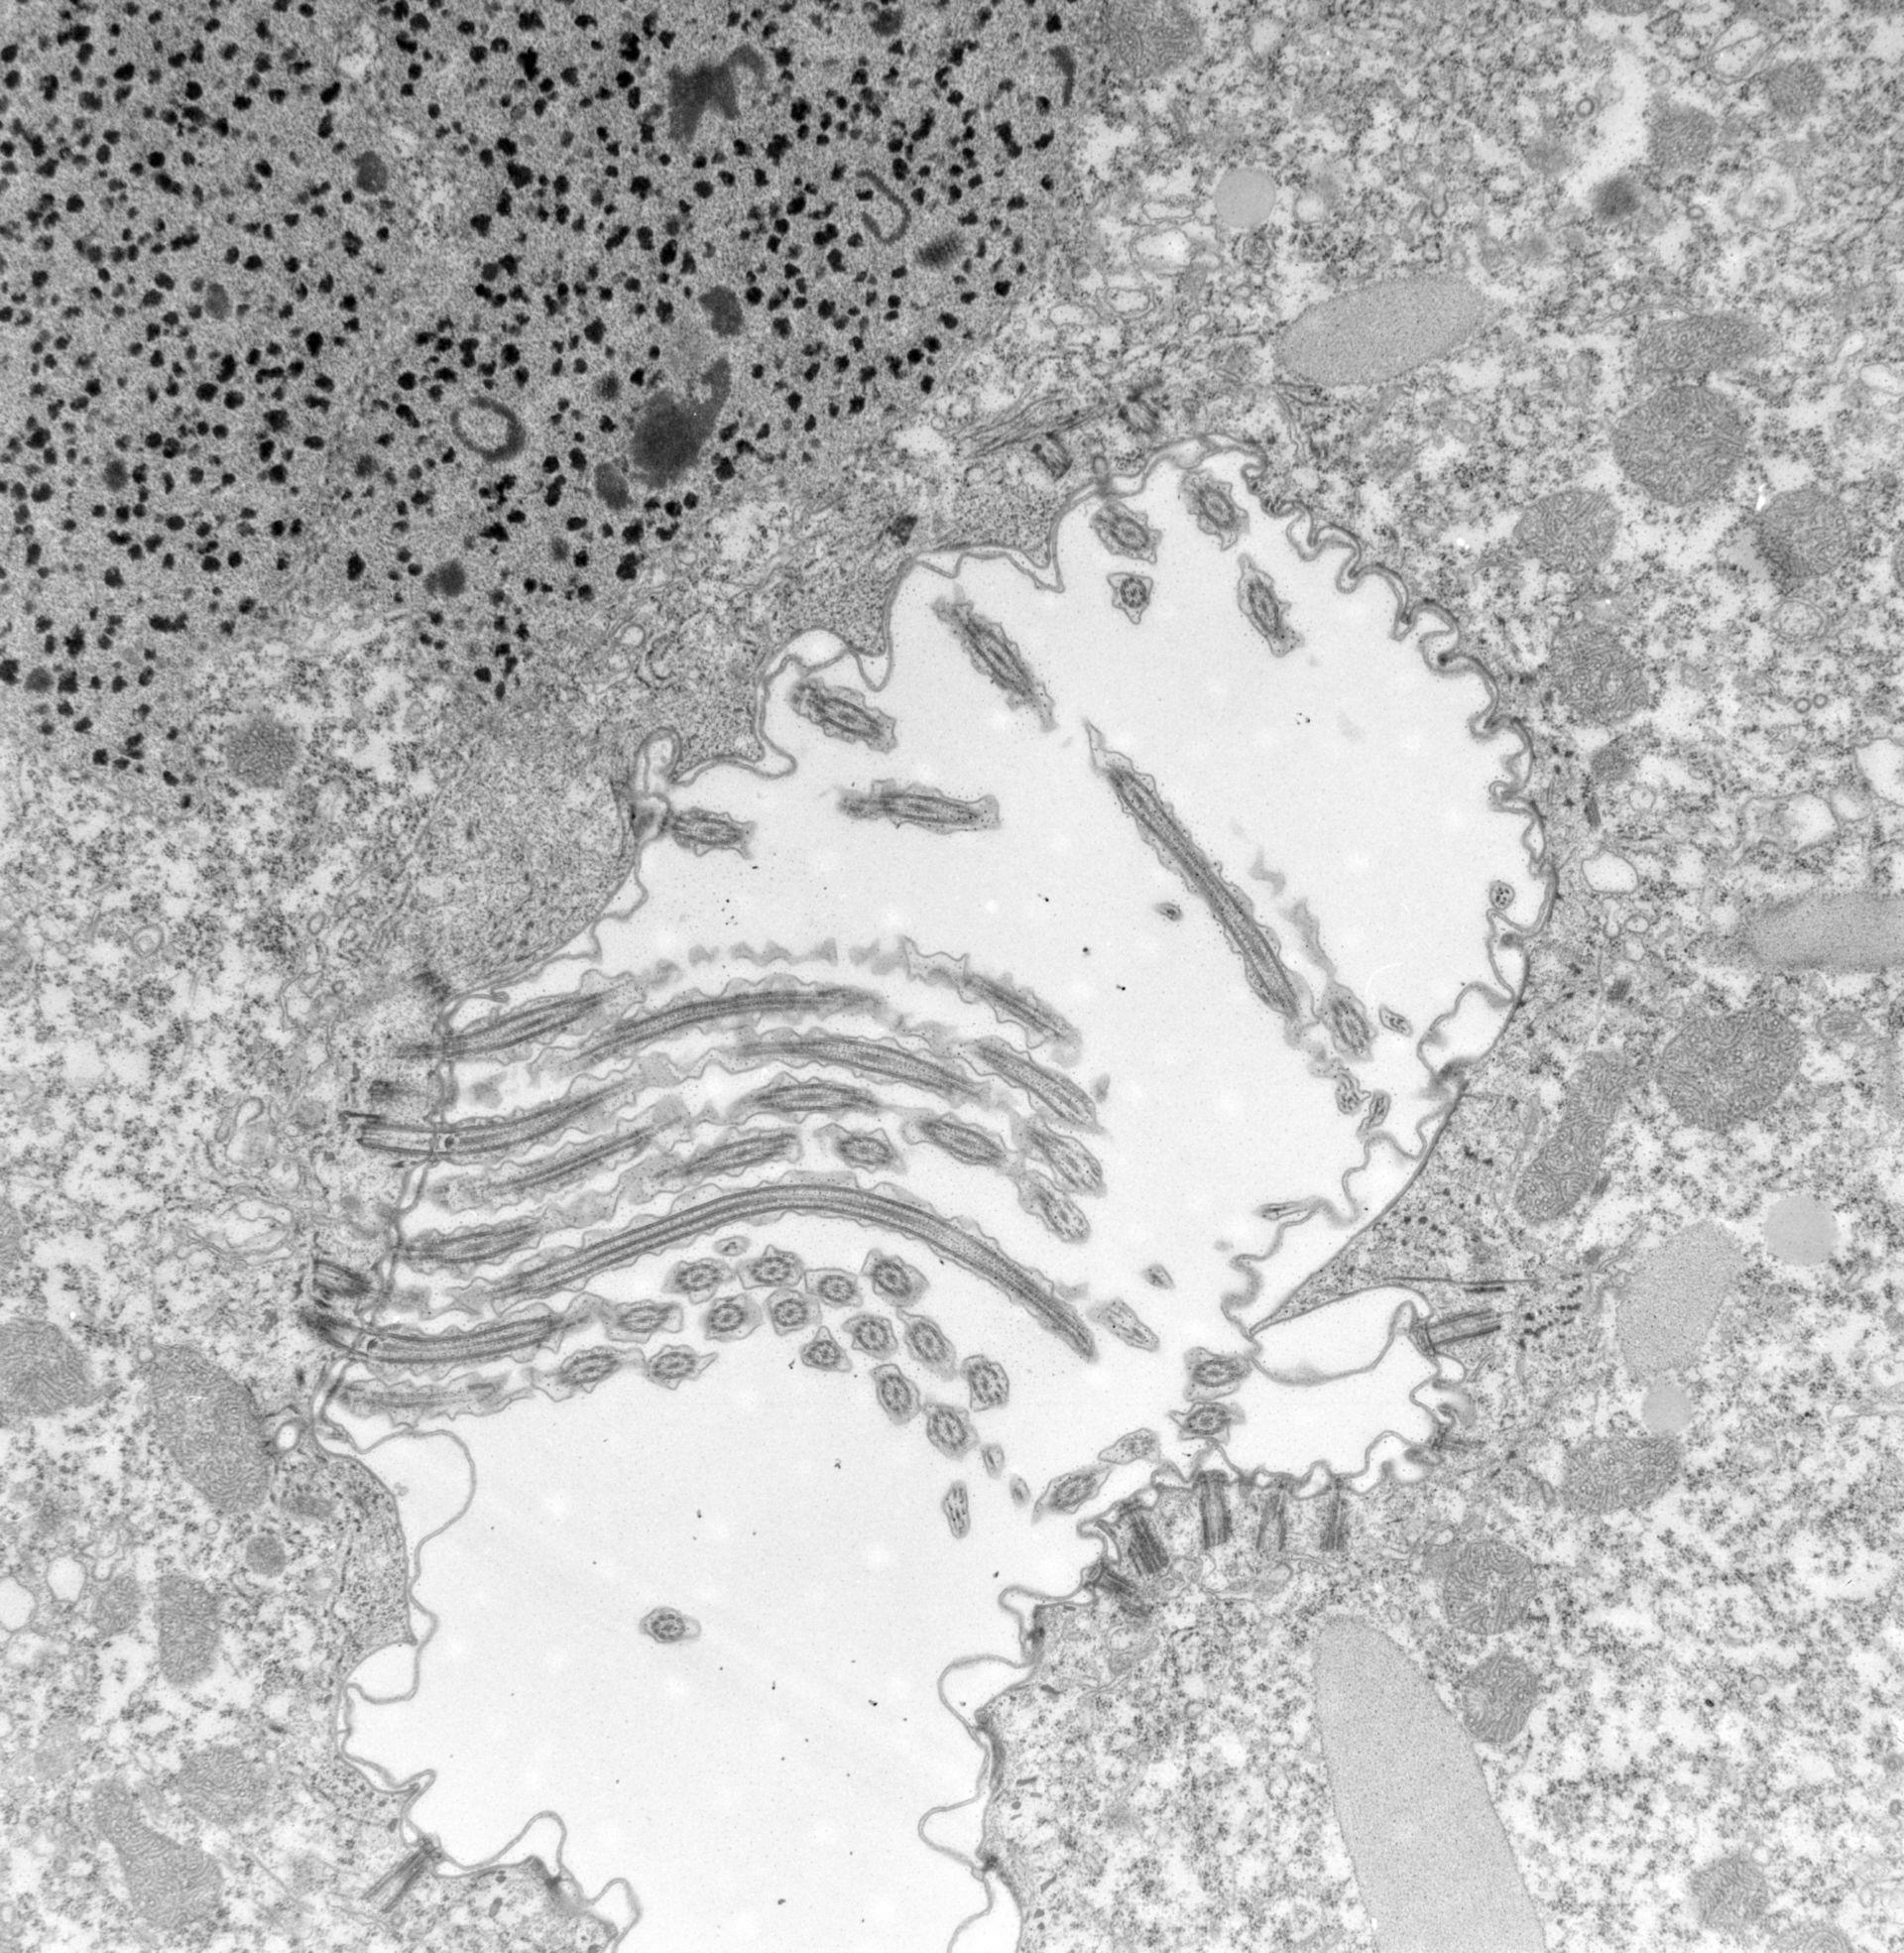 Paramecium caudatum (apparato orale) - CIL:39156